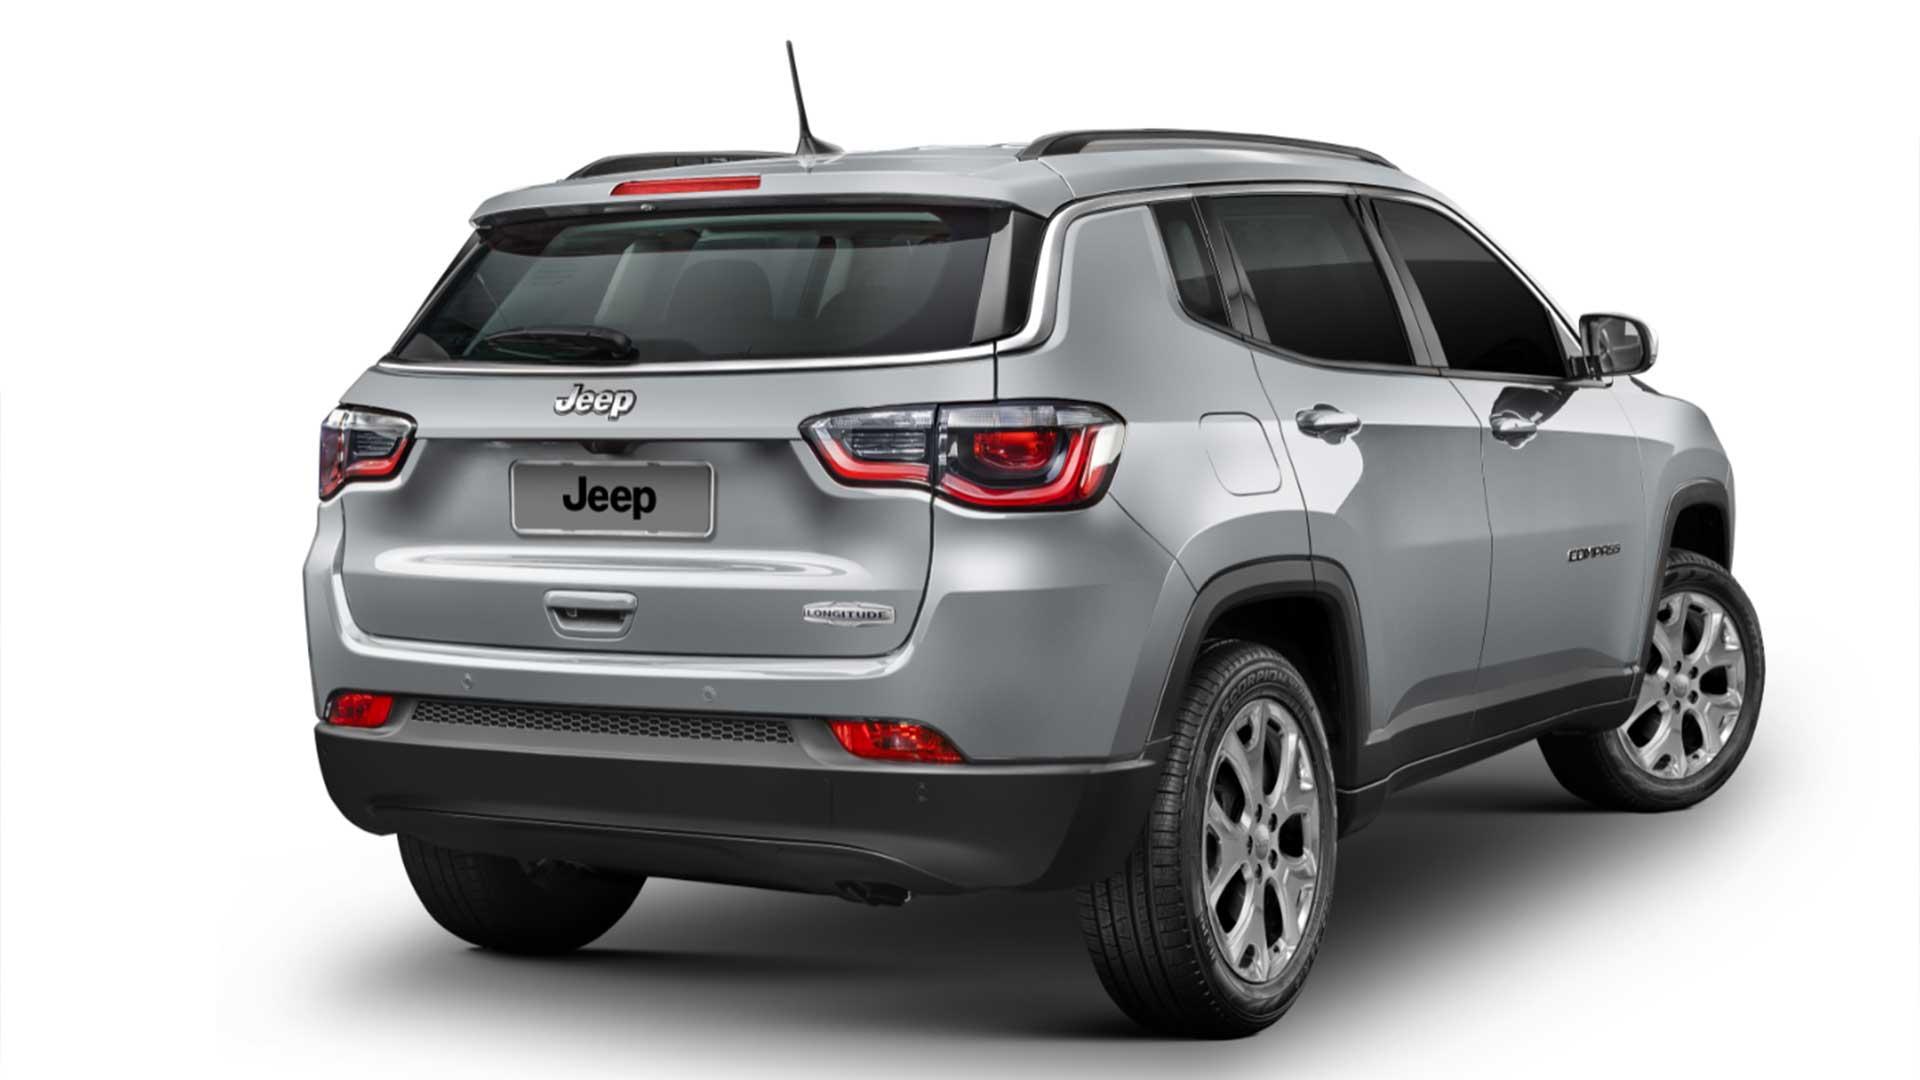 Carros por assinatura da FCA têm preços definidos e partem de R$ 1.350 por mês